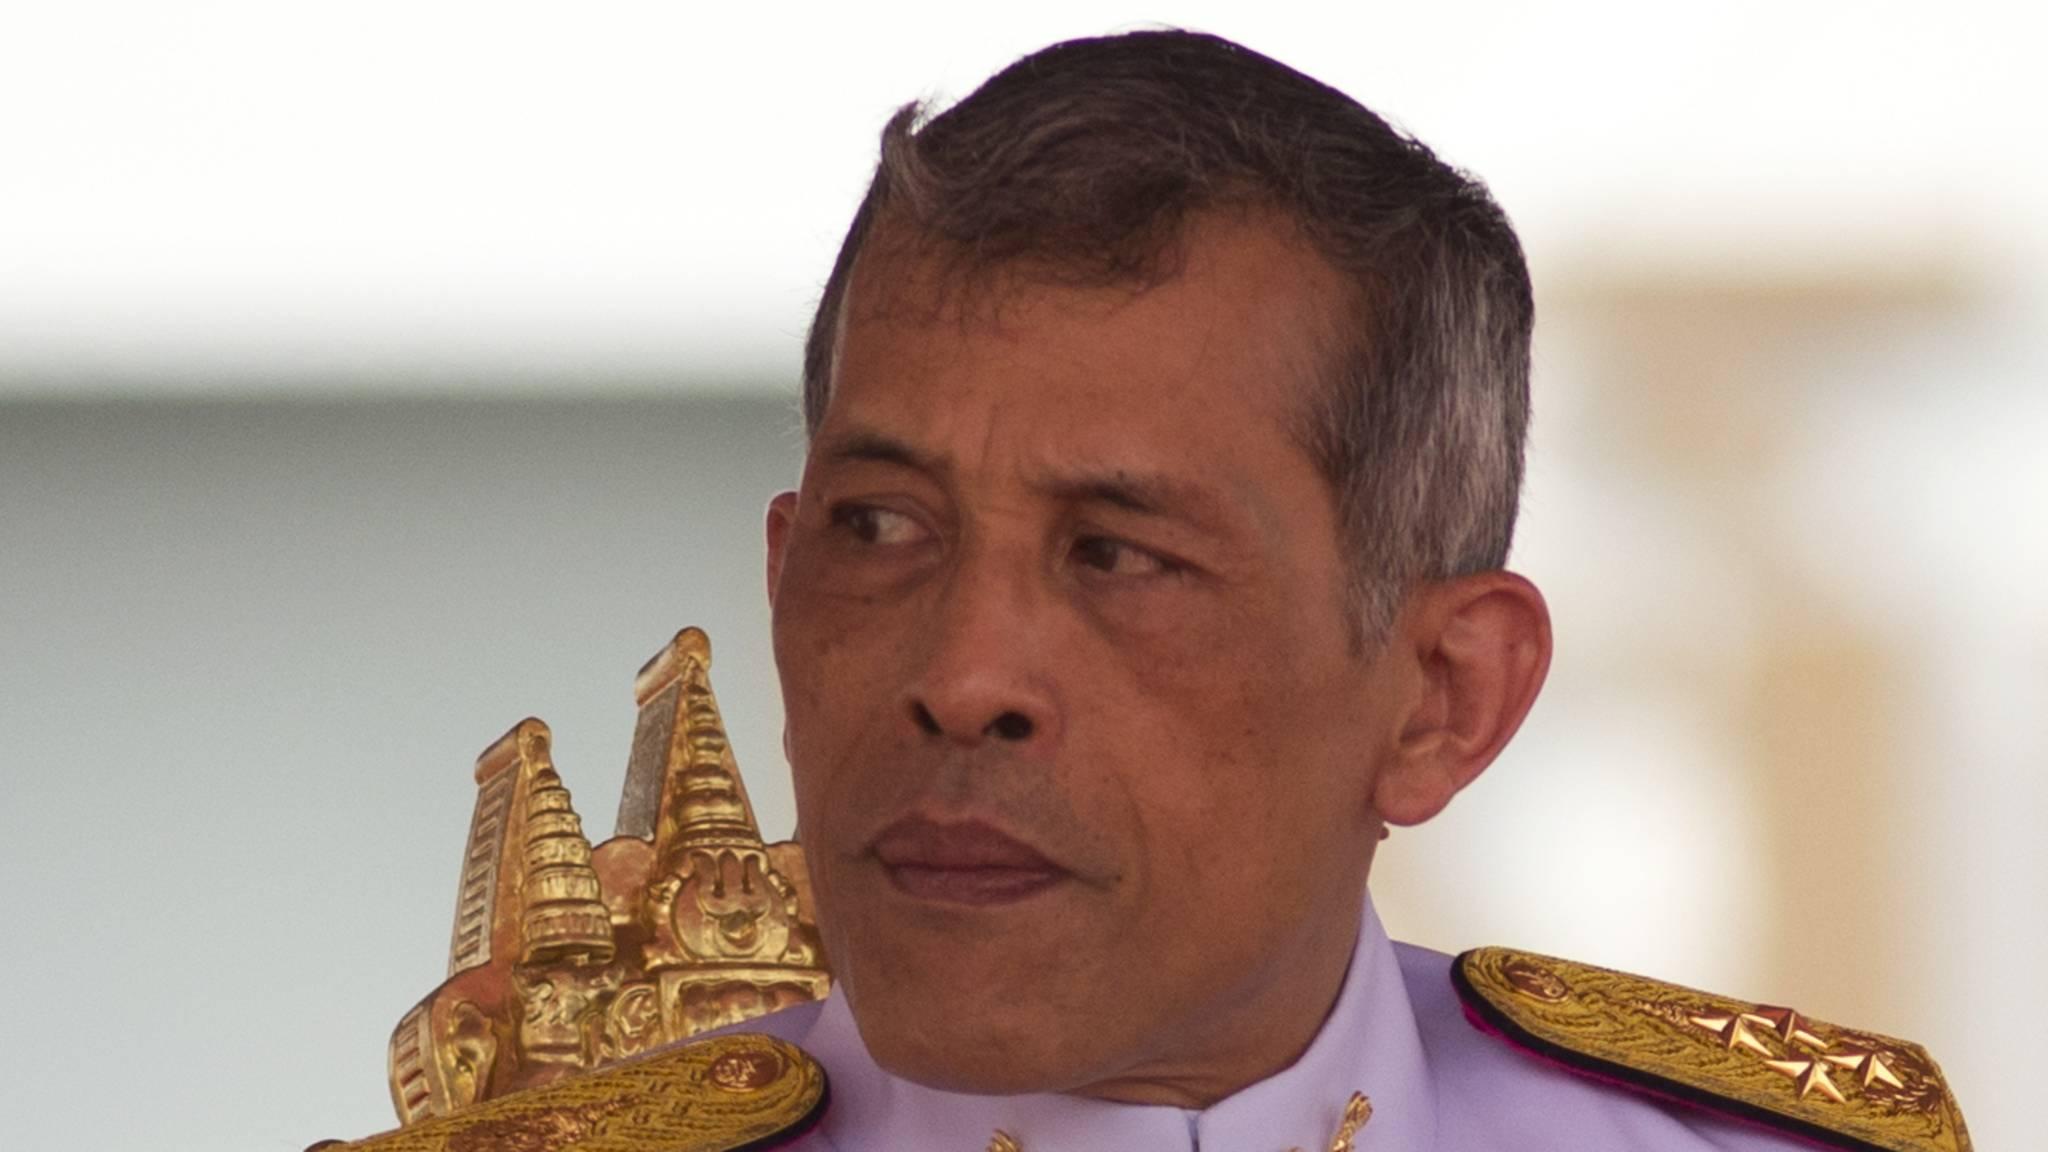 Guten tag thailändisch